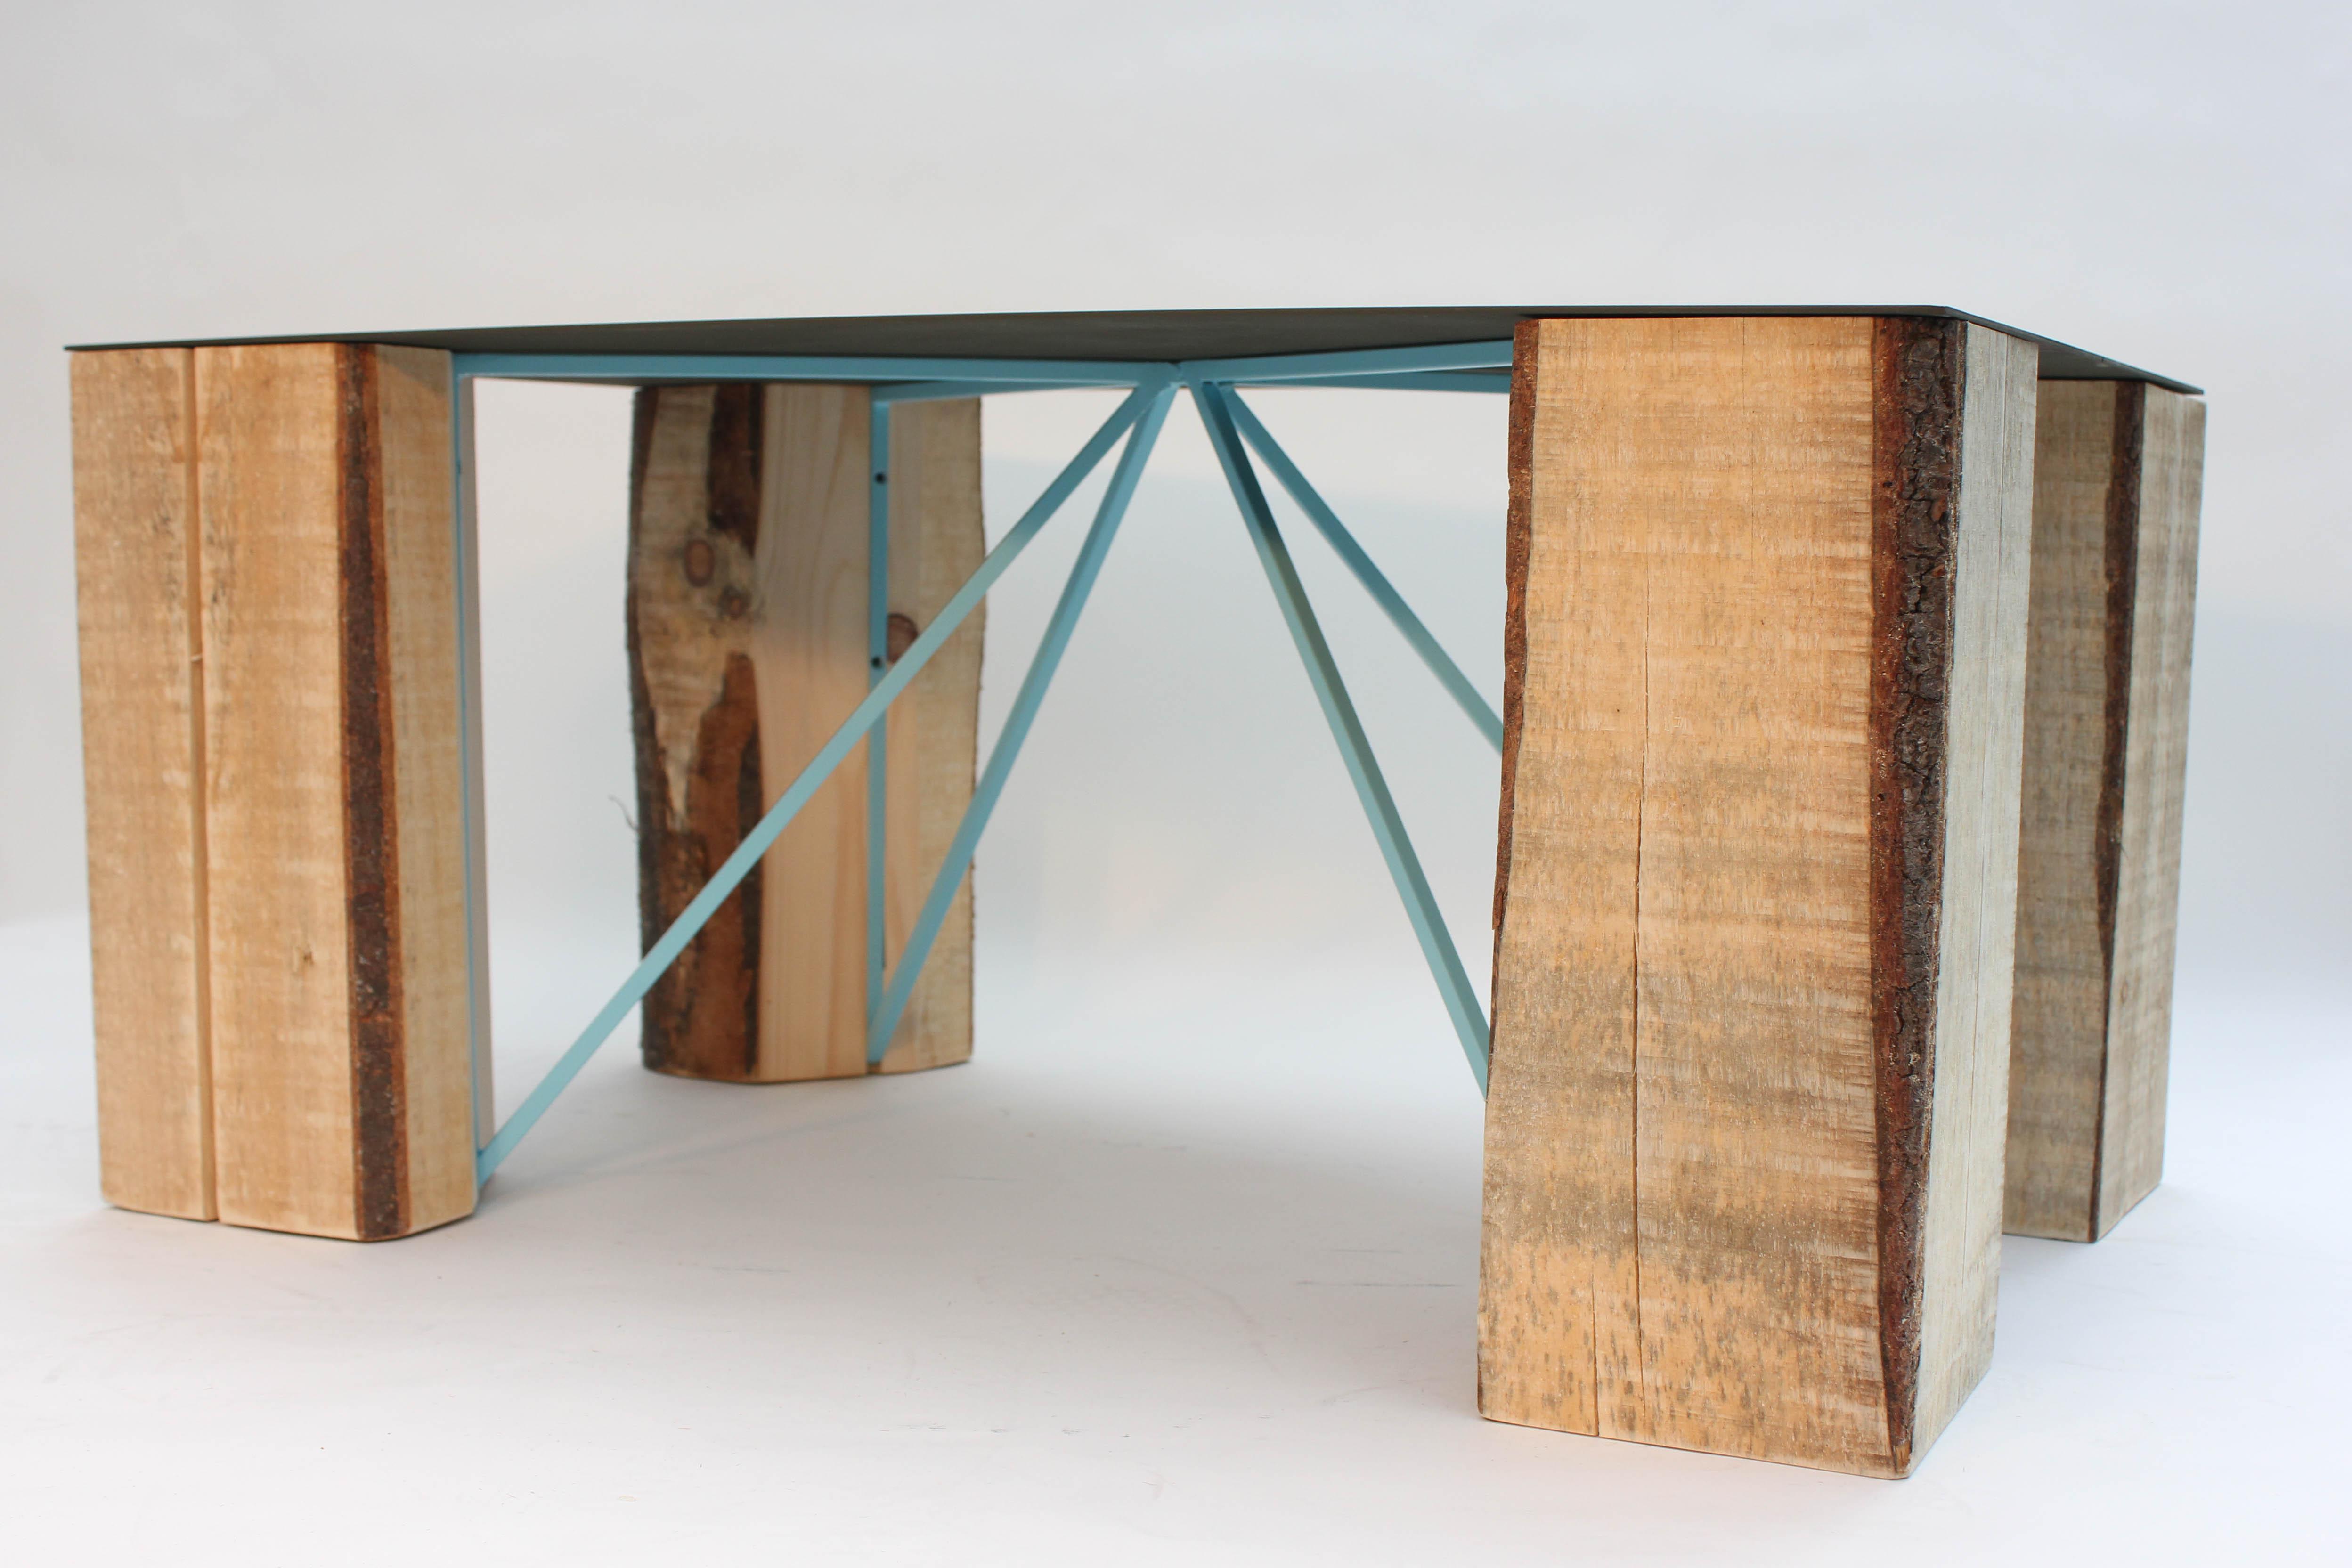 meubles roll 2-7